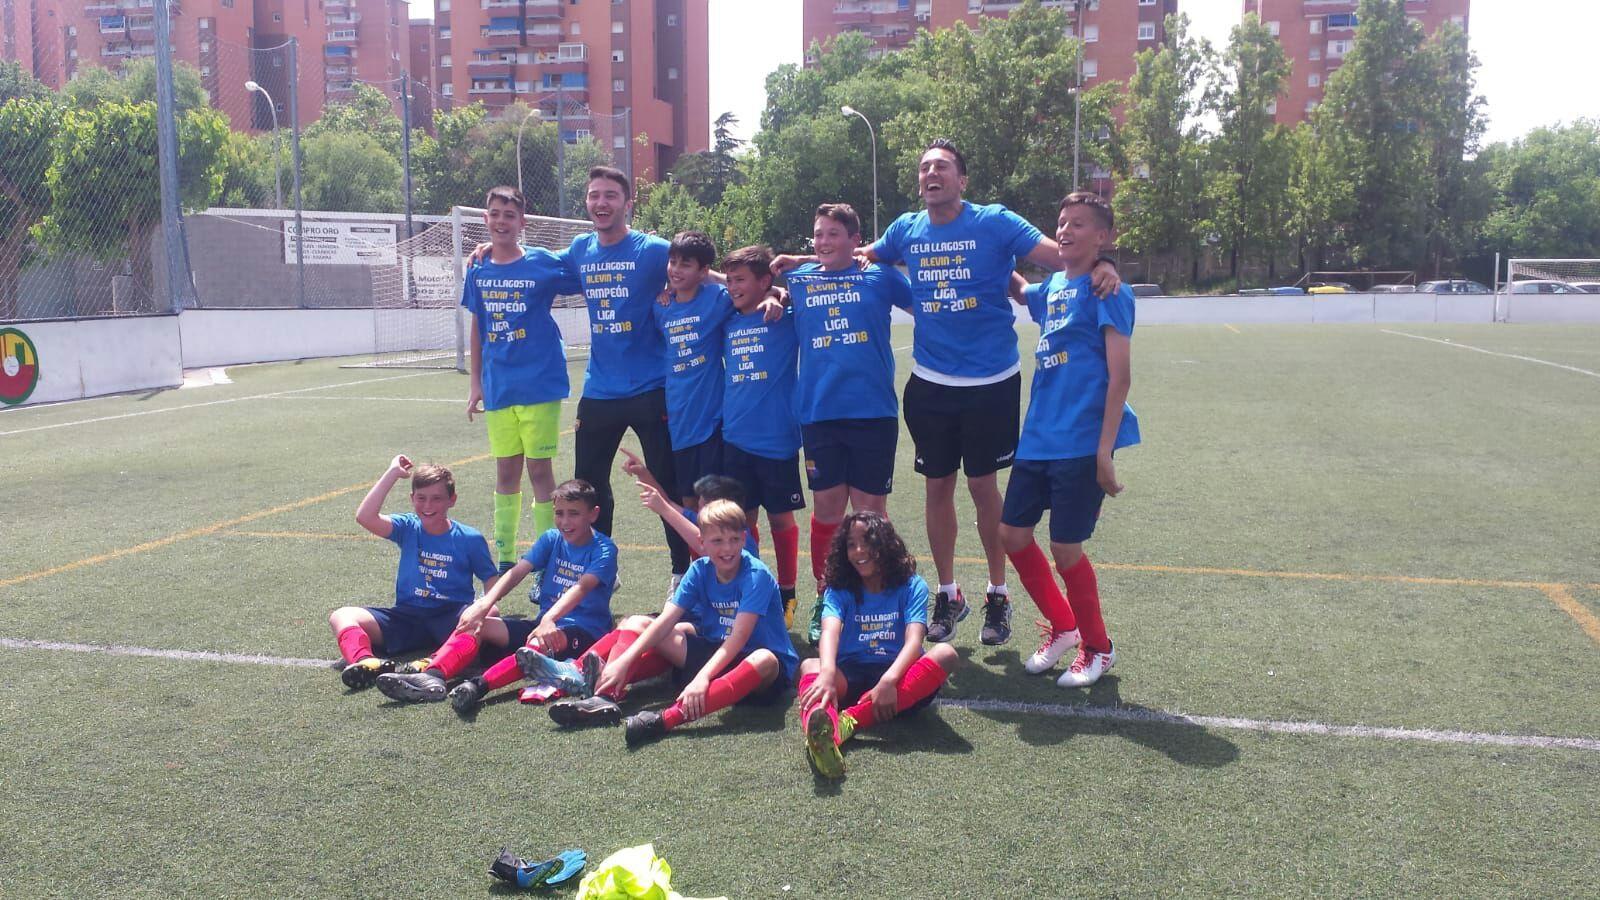 L'aleví A del CE la Llagosta guanya la lliga i puja a la Primera Divisió